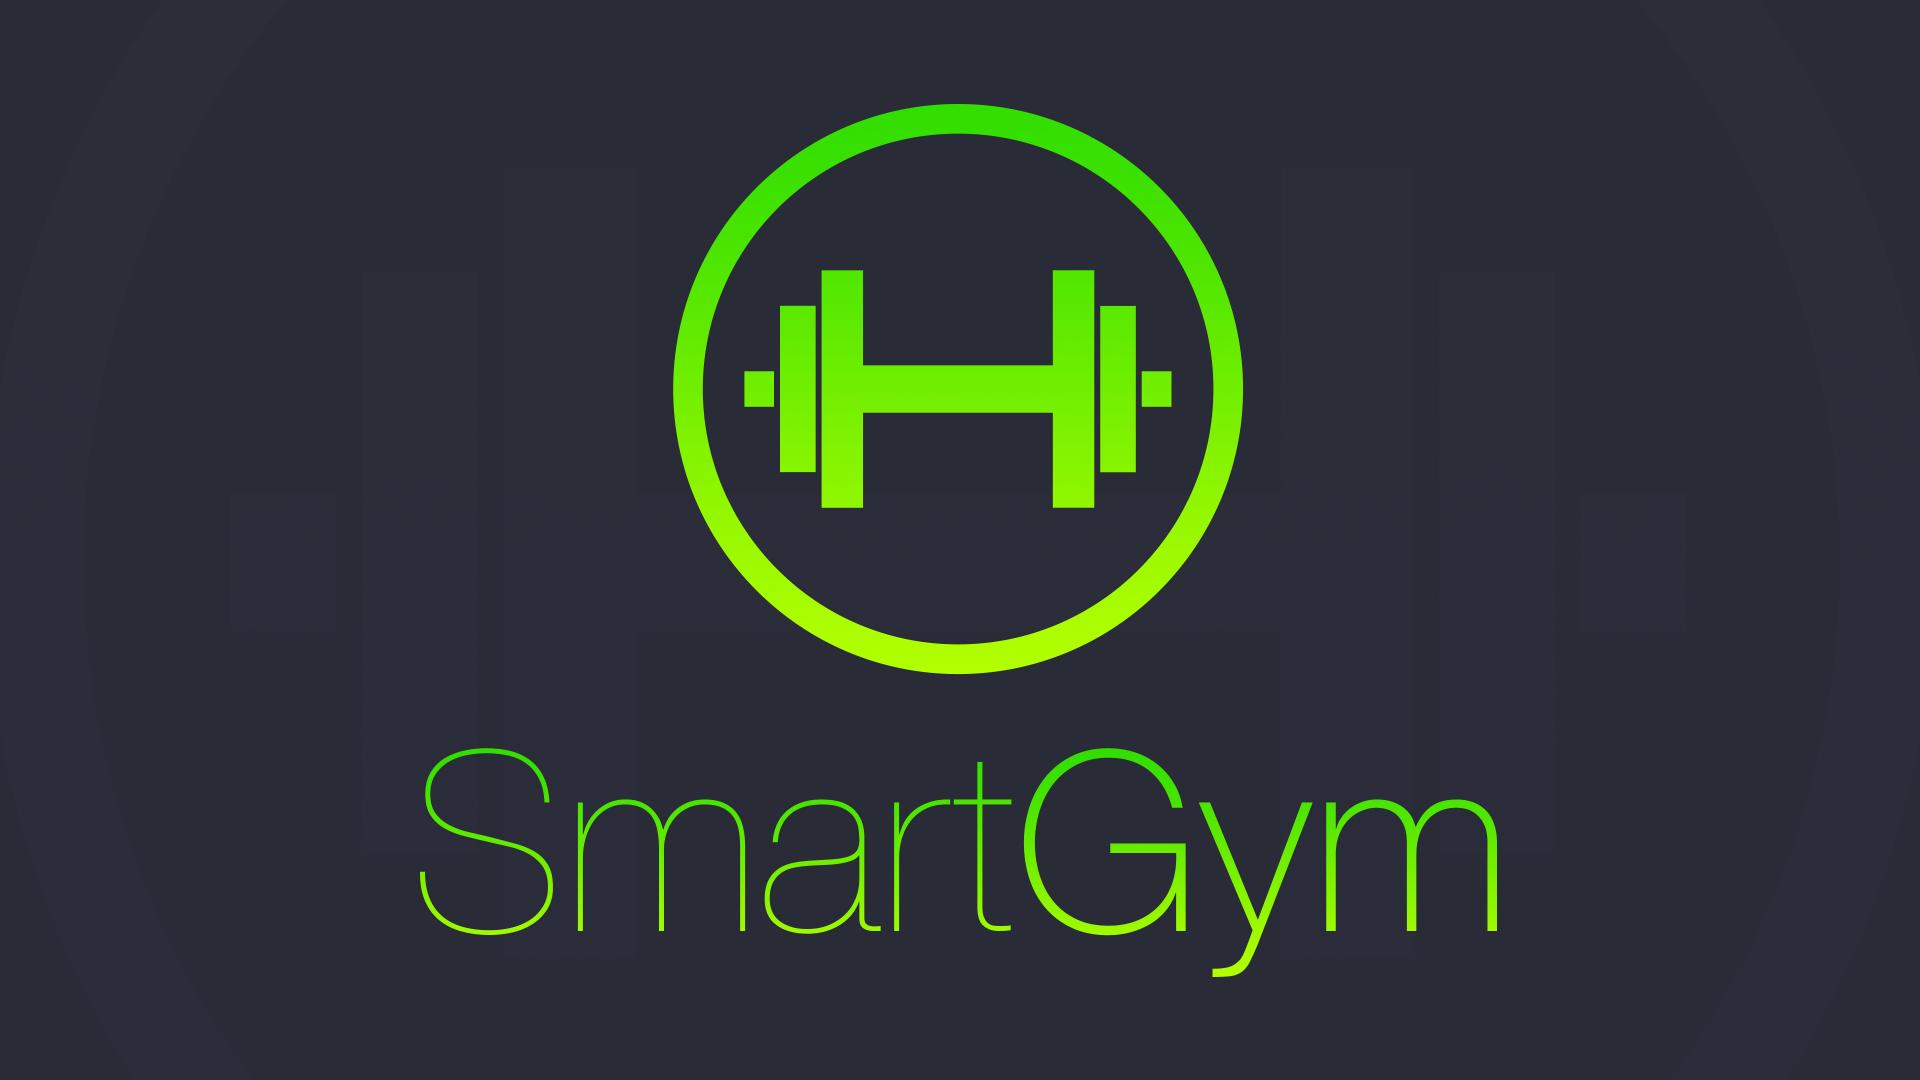 SmartGym logo